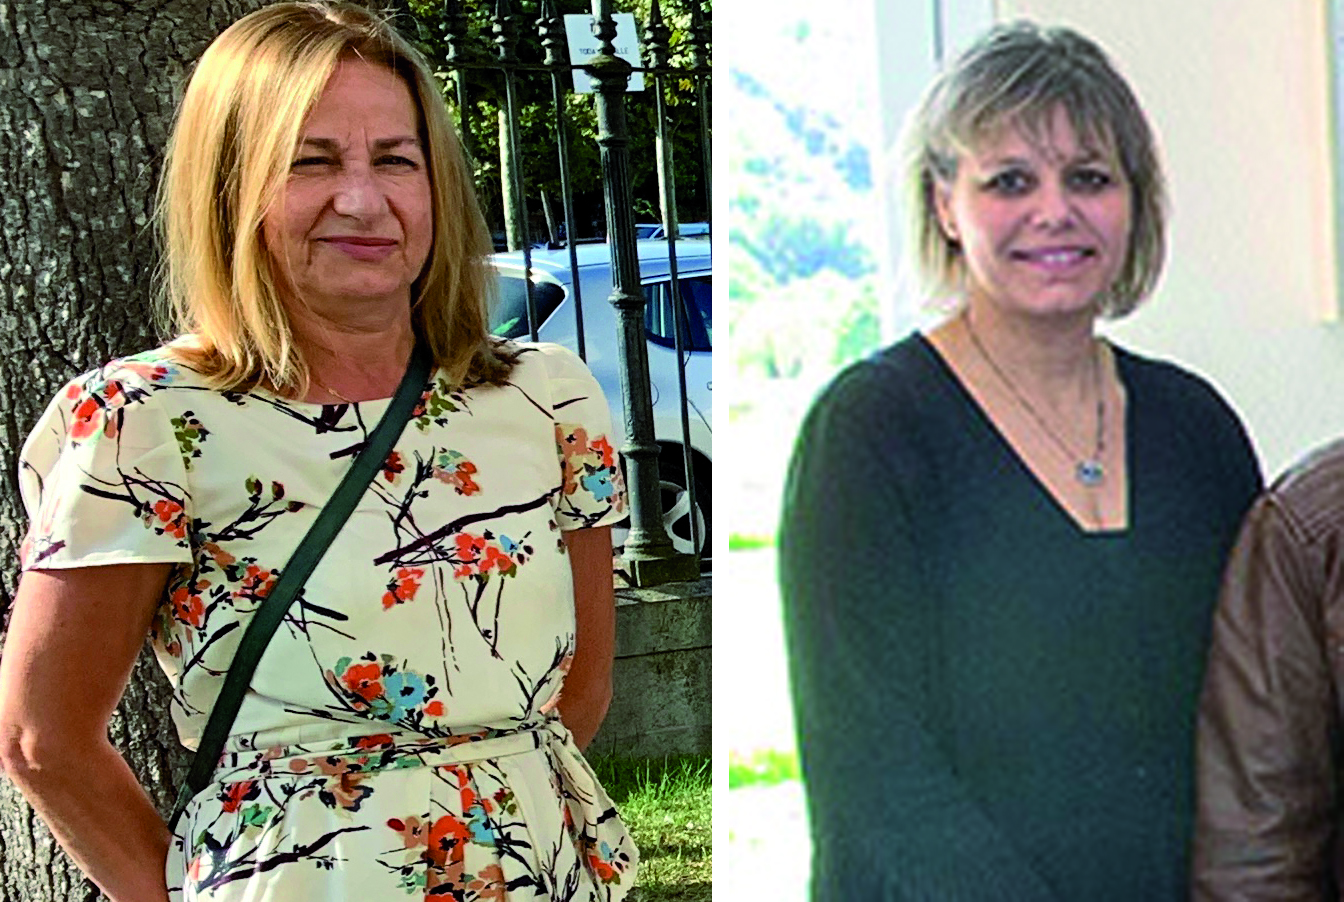 La directora médica de Atención Primaria no dimitirá tras vacunar a su madre